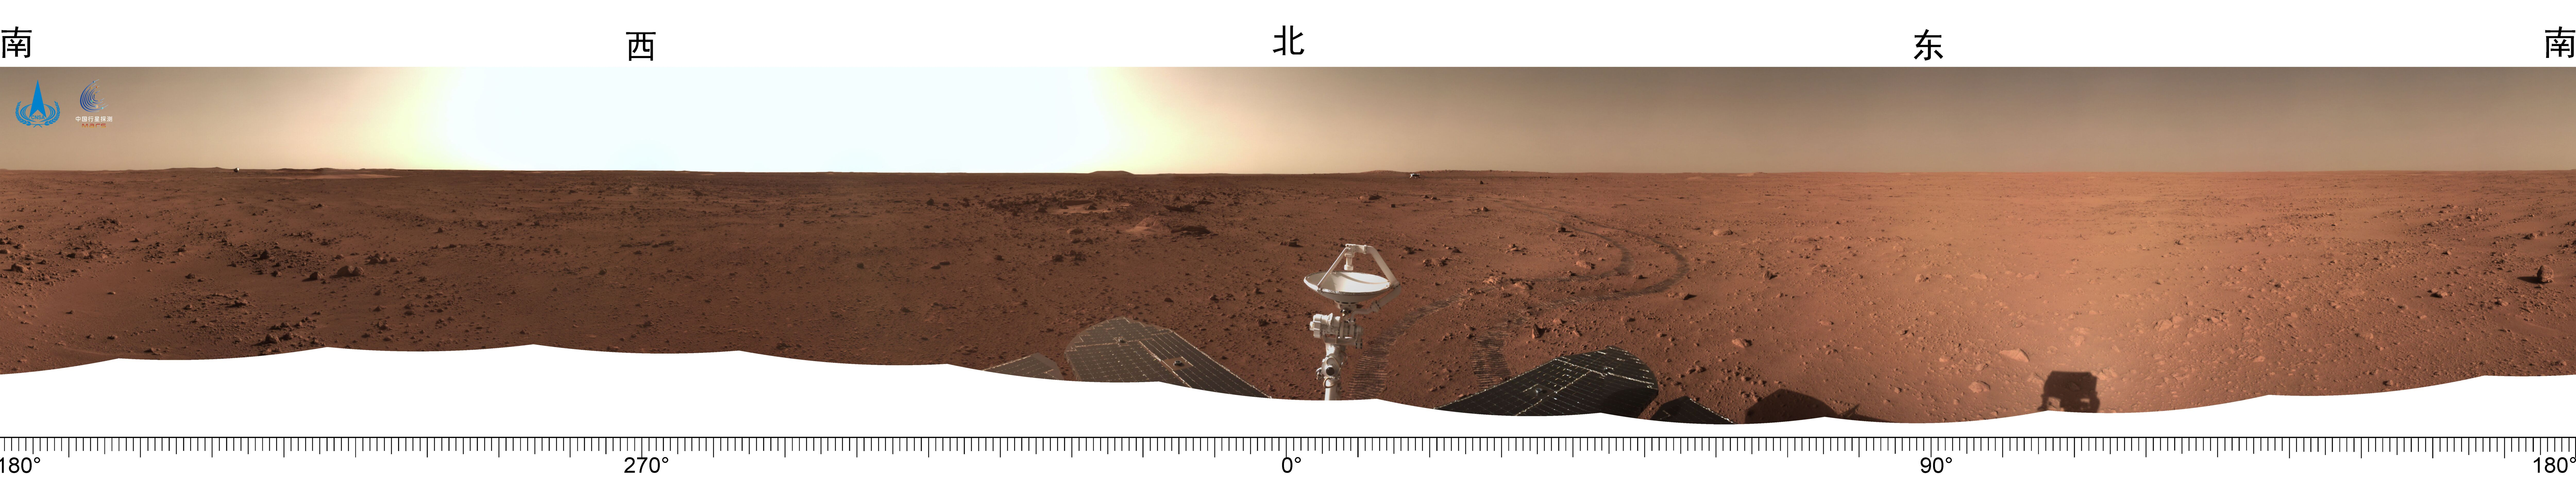 Imagem panorâmica captada pelo rover Zhurong, da missão de exploração chinesa Tianwen-1, em Marte, 27 de junho de 2021